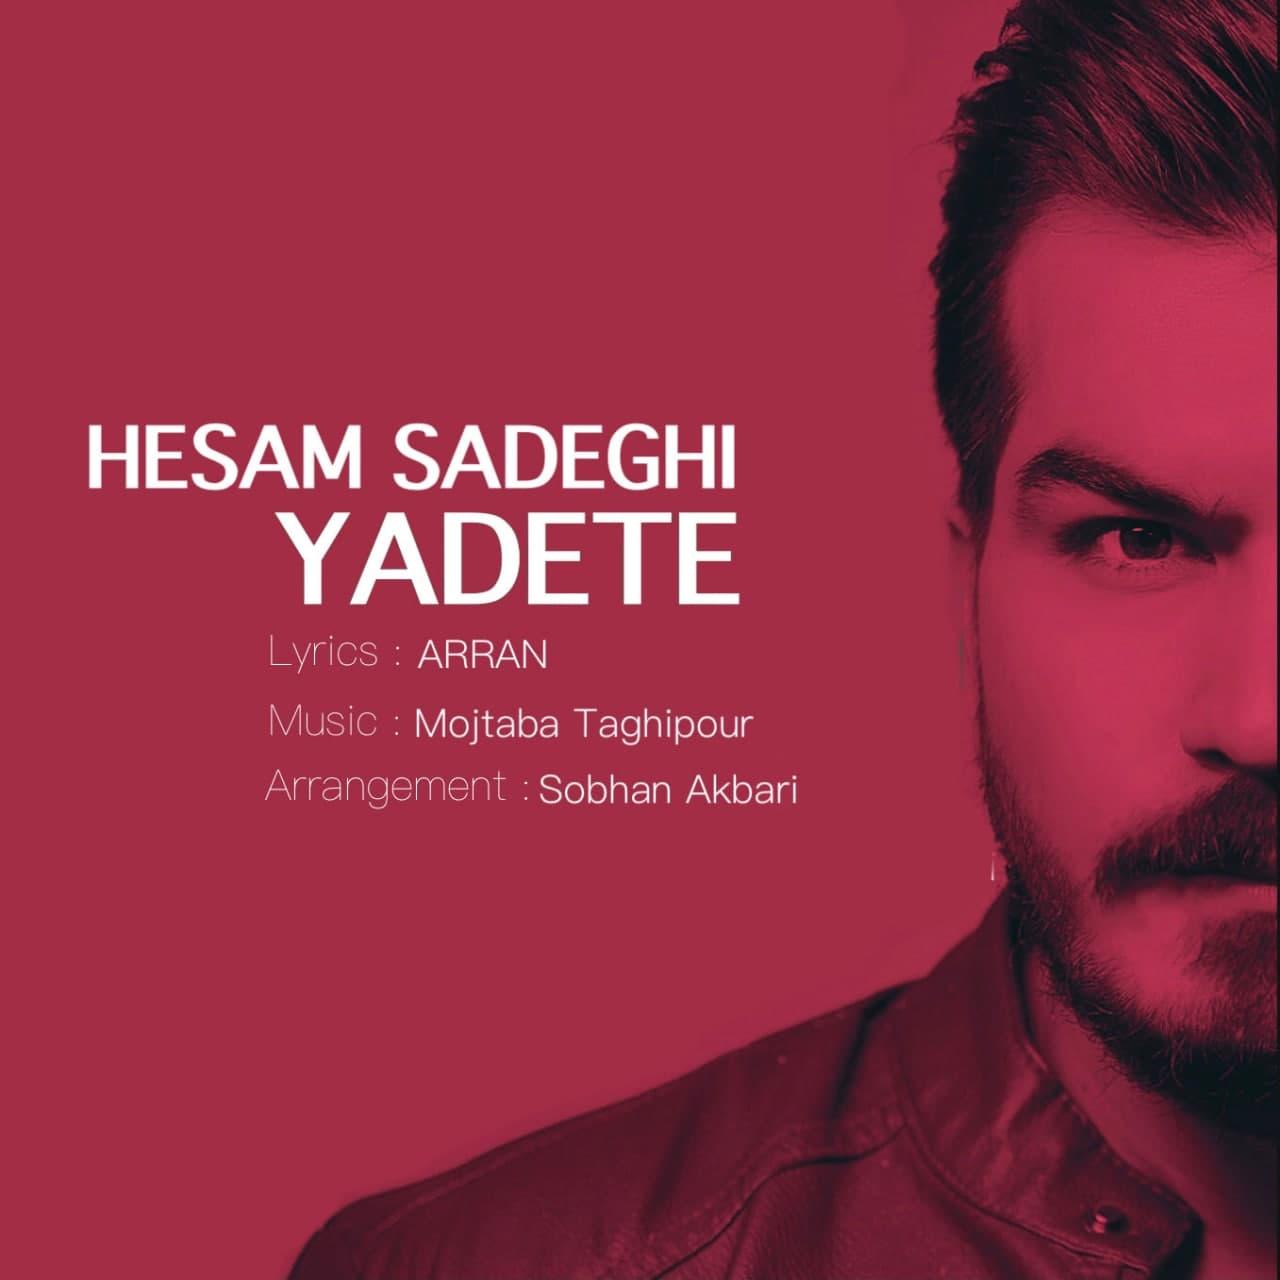 دانلود موزیک جدید یادته از حسام صادقی